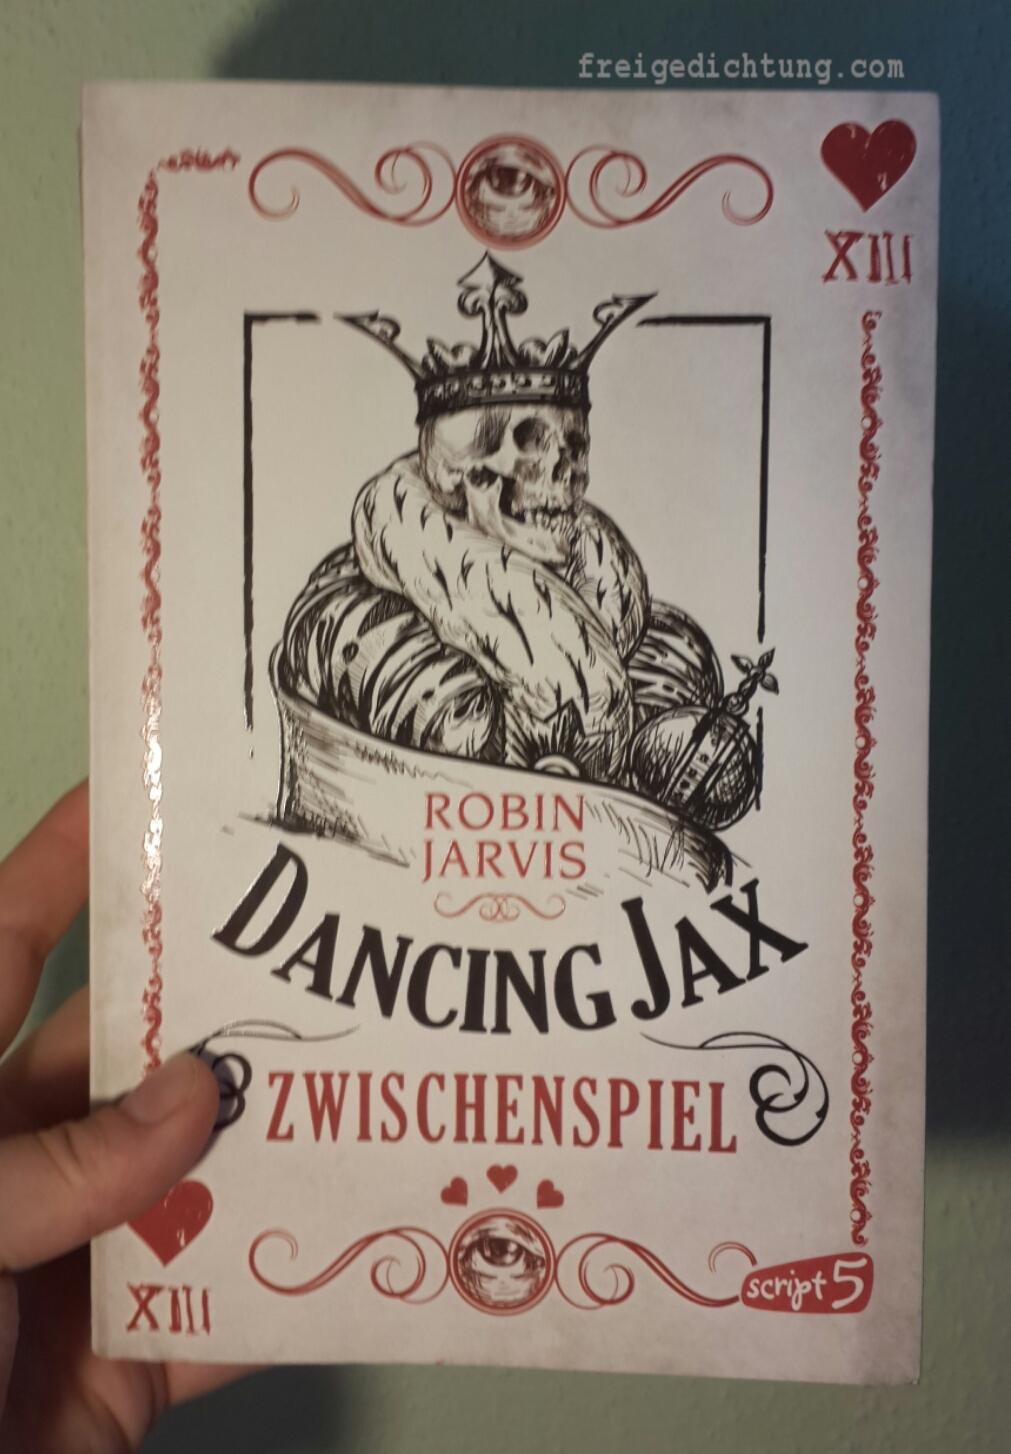 34-dancing-jax-2